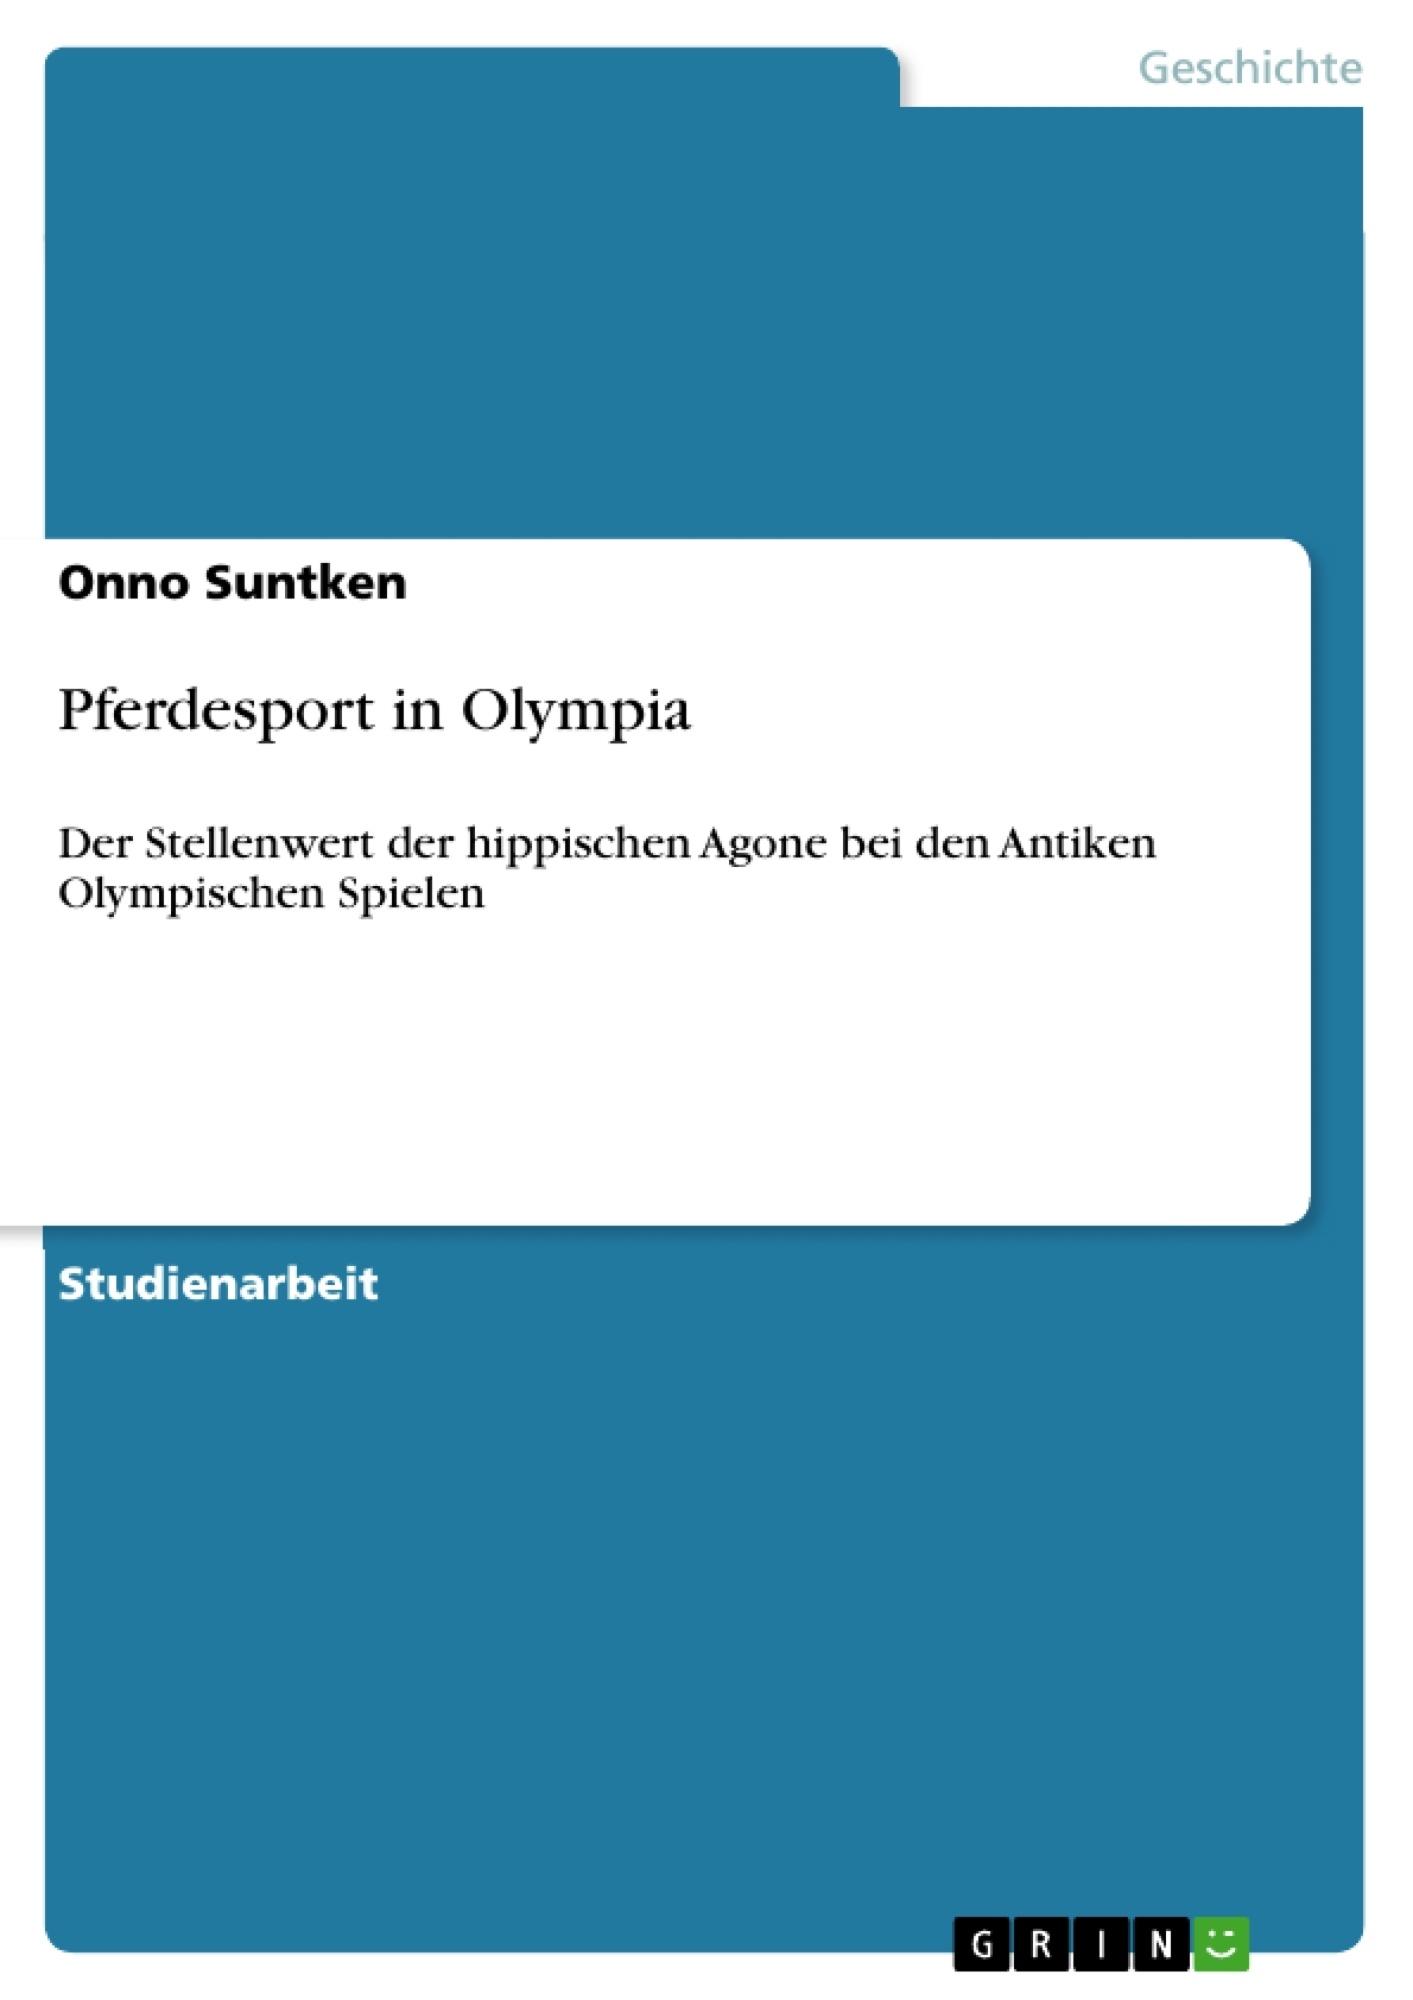 Titel: Pferdesport in Olympia